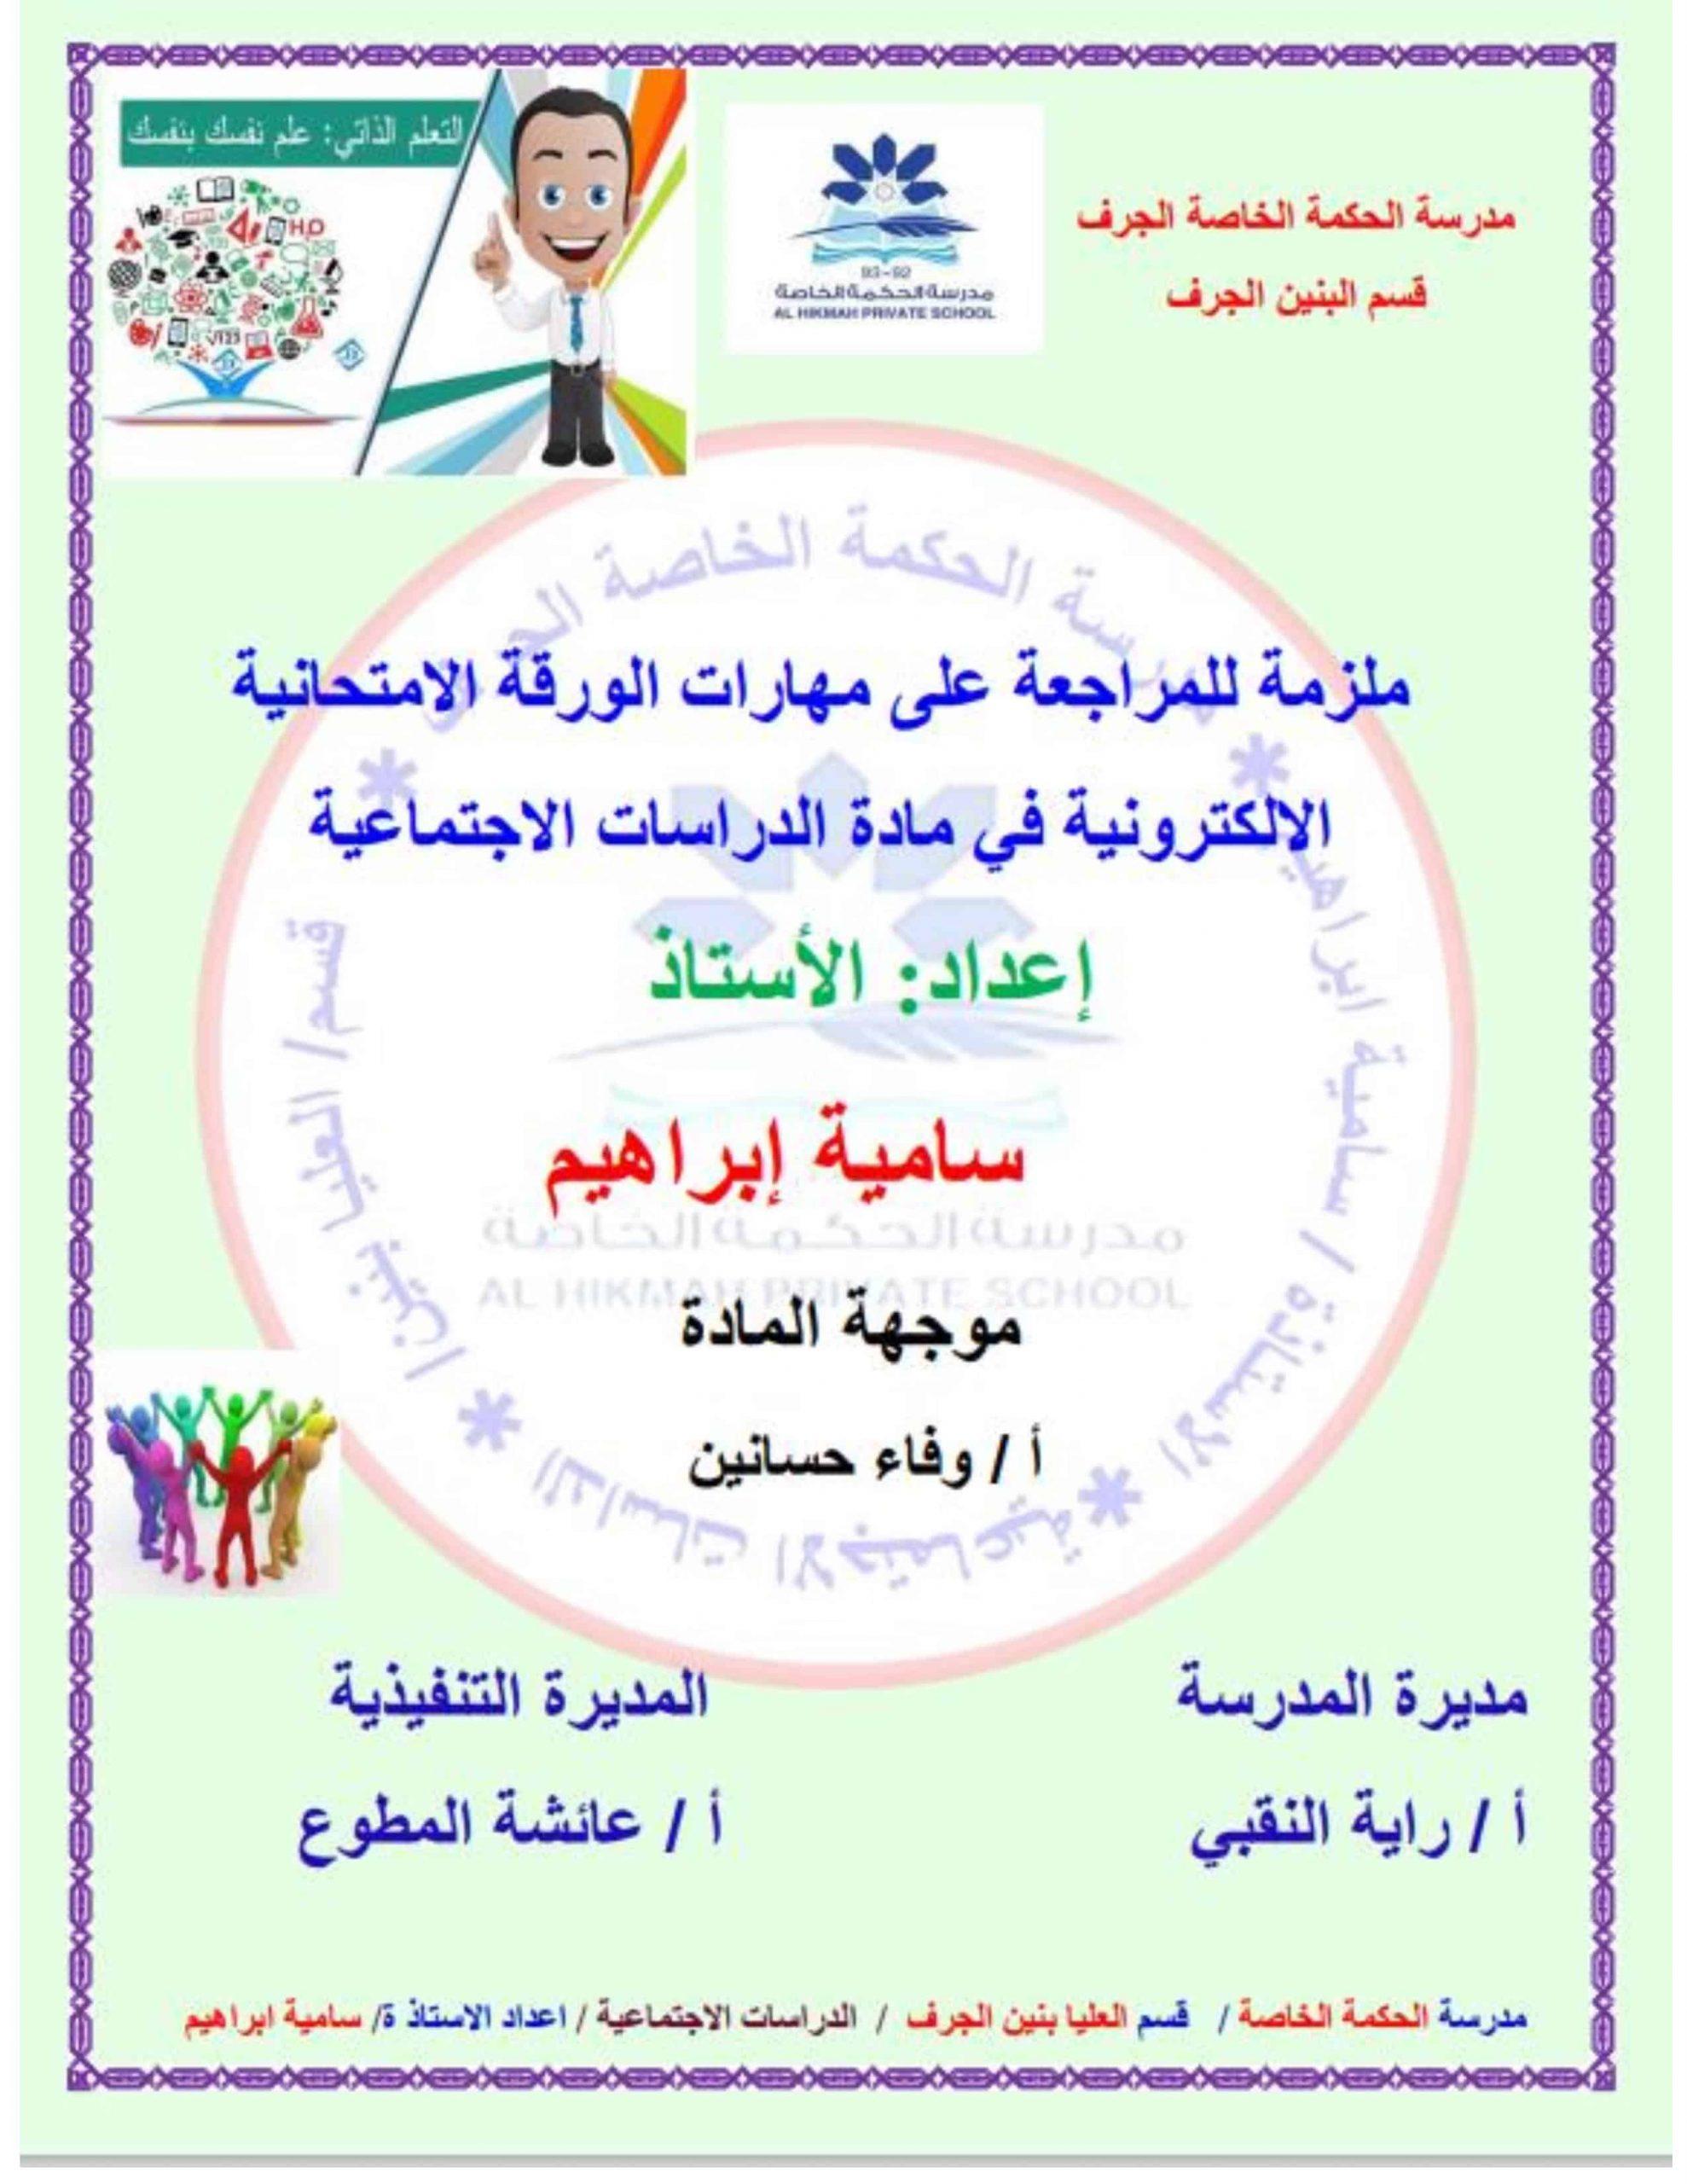 أوراق عمل ملزمة مراجعة على المهارات الصف التاسع مادة الدراسات الإجتماعية والتربية الوطنية - بوربوينت